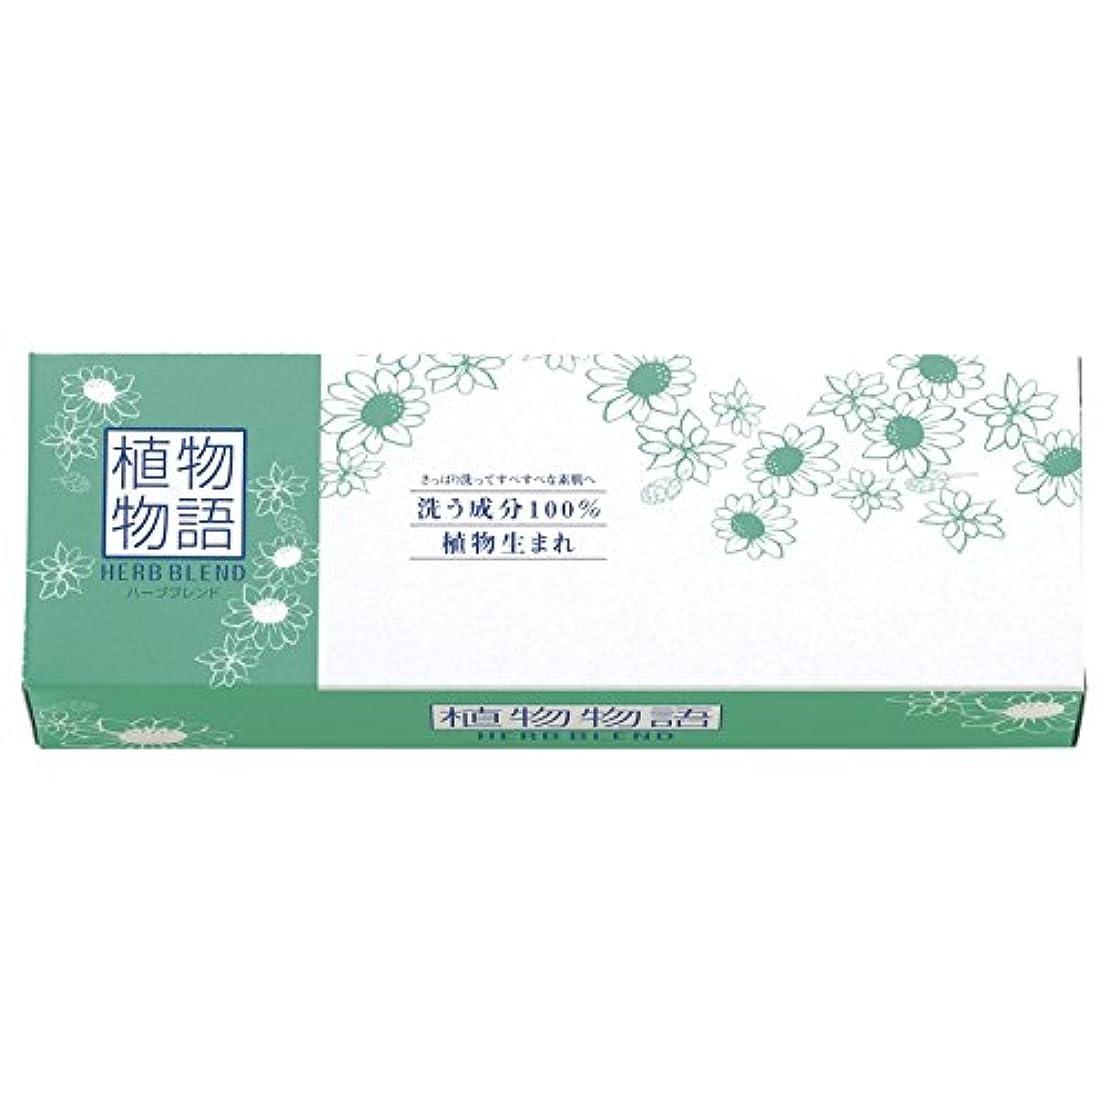 マニュアルすべて麻痺ライオン 植物物語ハーブブレンド化粧石鹸2個箱 KST802 【粗品 天然素材 ハーブ 2個 固形石鹸 からだ用 ハーブ 優しい お風呂 こども やさしい 石けん せっけん】